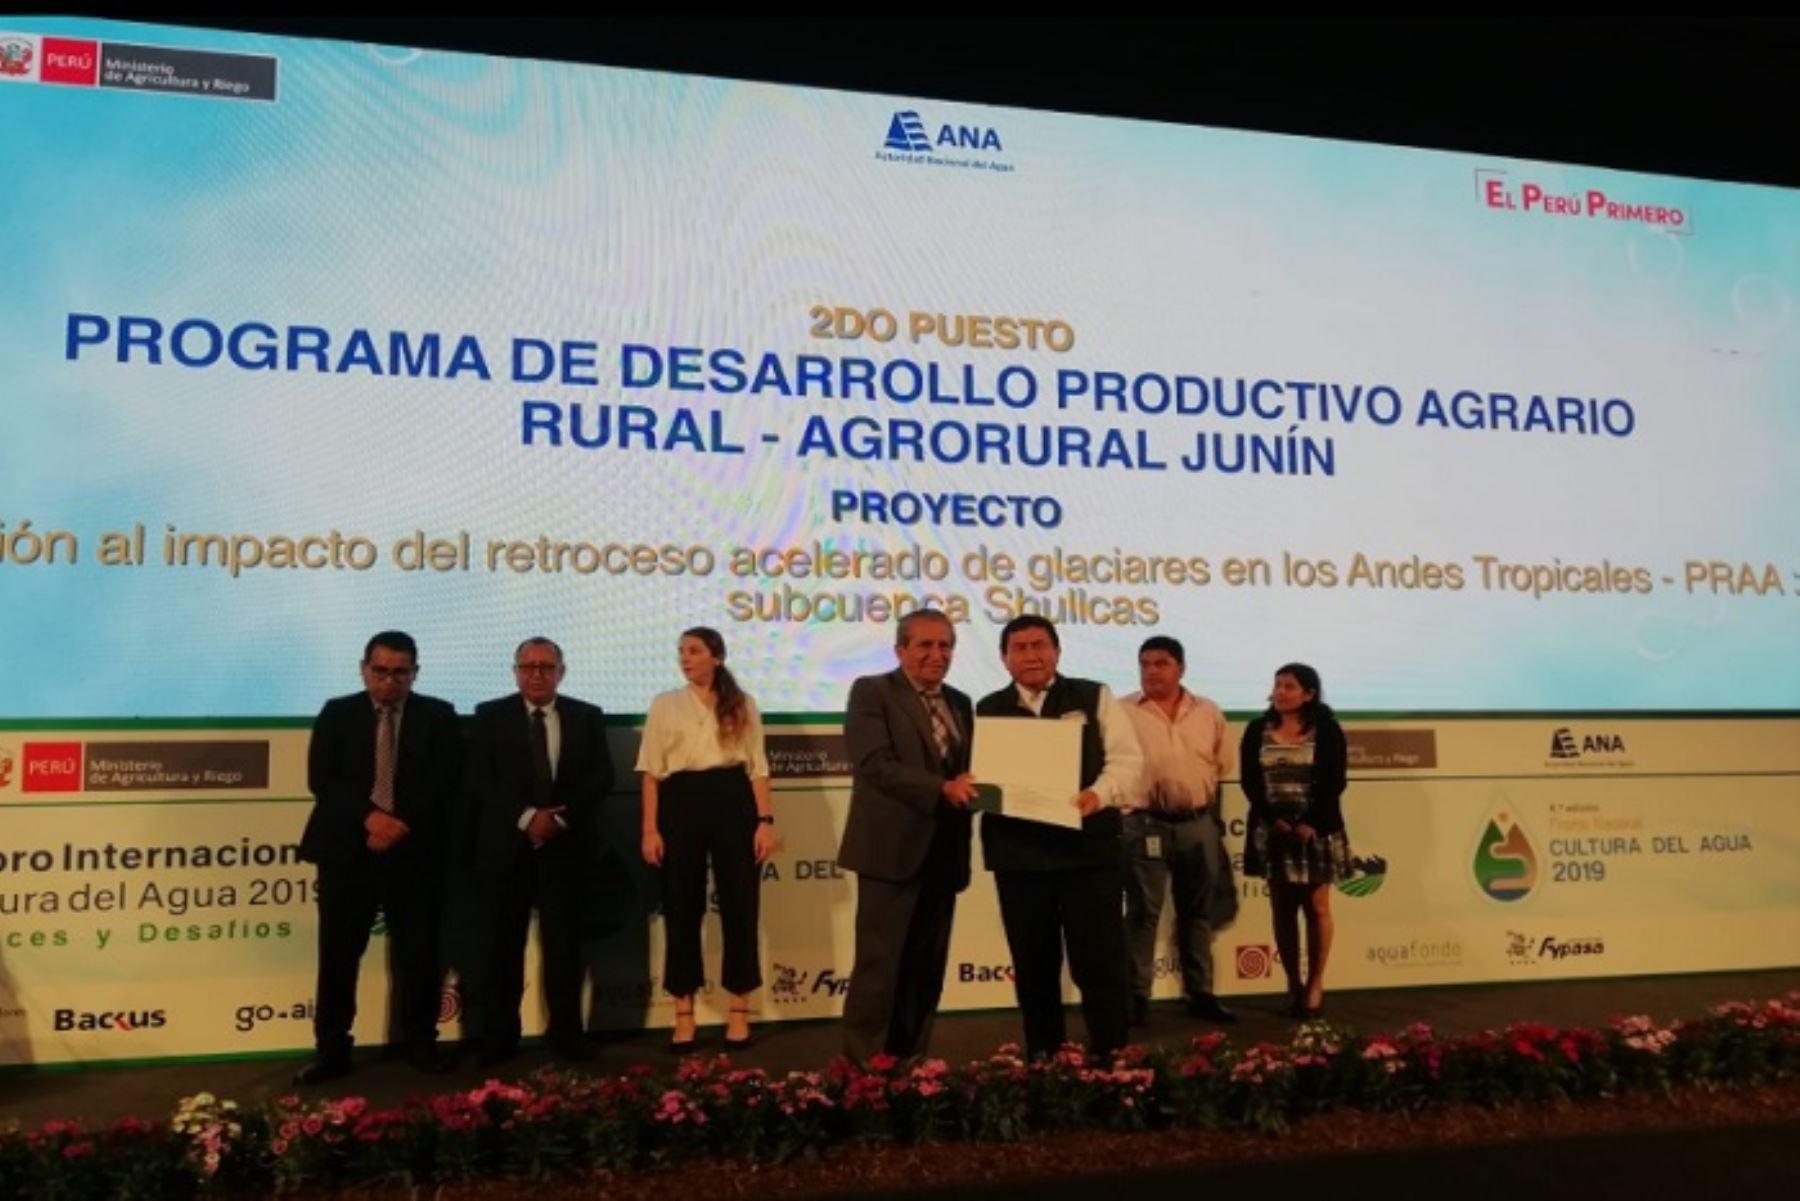 Este proyecto, ubicado en la provincia de Huancayo, región Junín, consiste en la instalación de más de 1900 hectáreas de plantaciones forestales, además de 900 hectáreas de manejo de praderas con zanjas de infiltración y 3 obras de infraestructura de riego tecnificado.